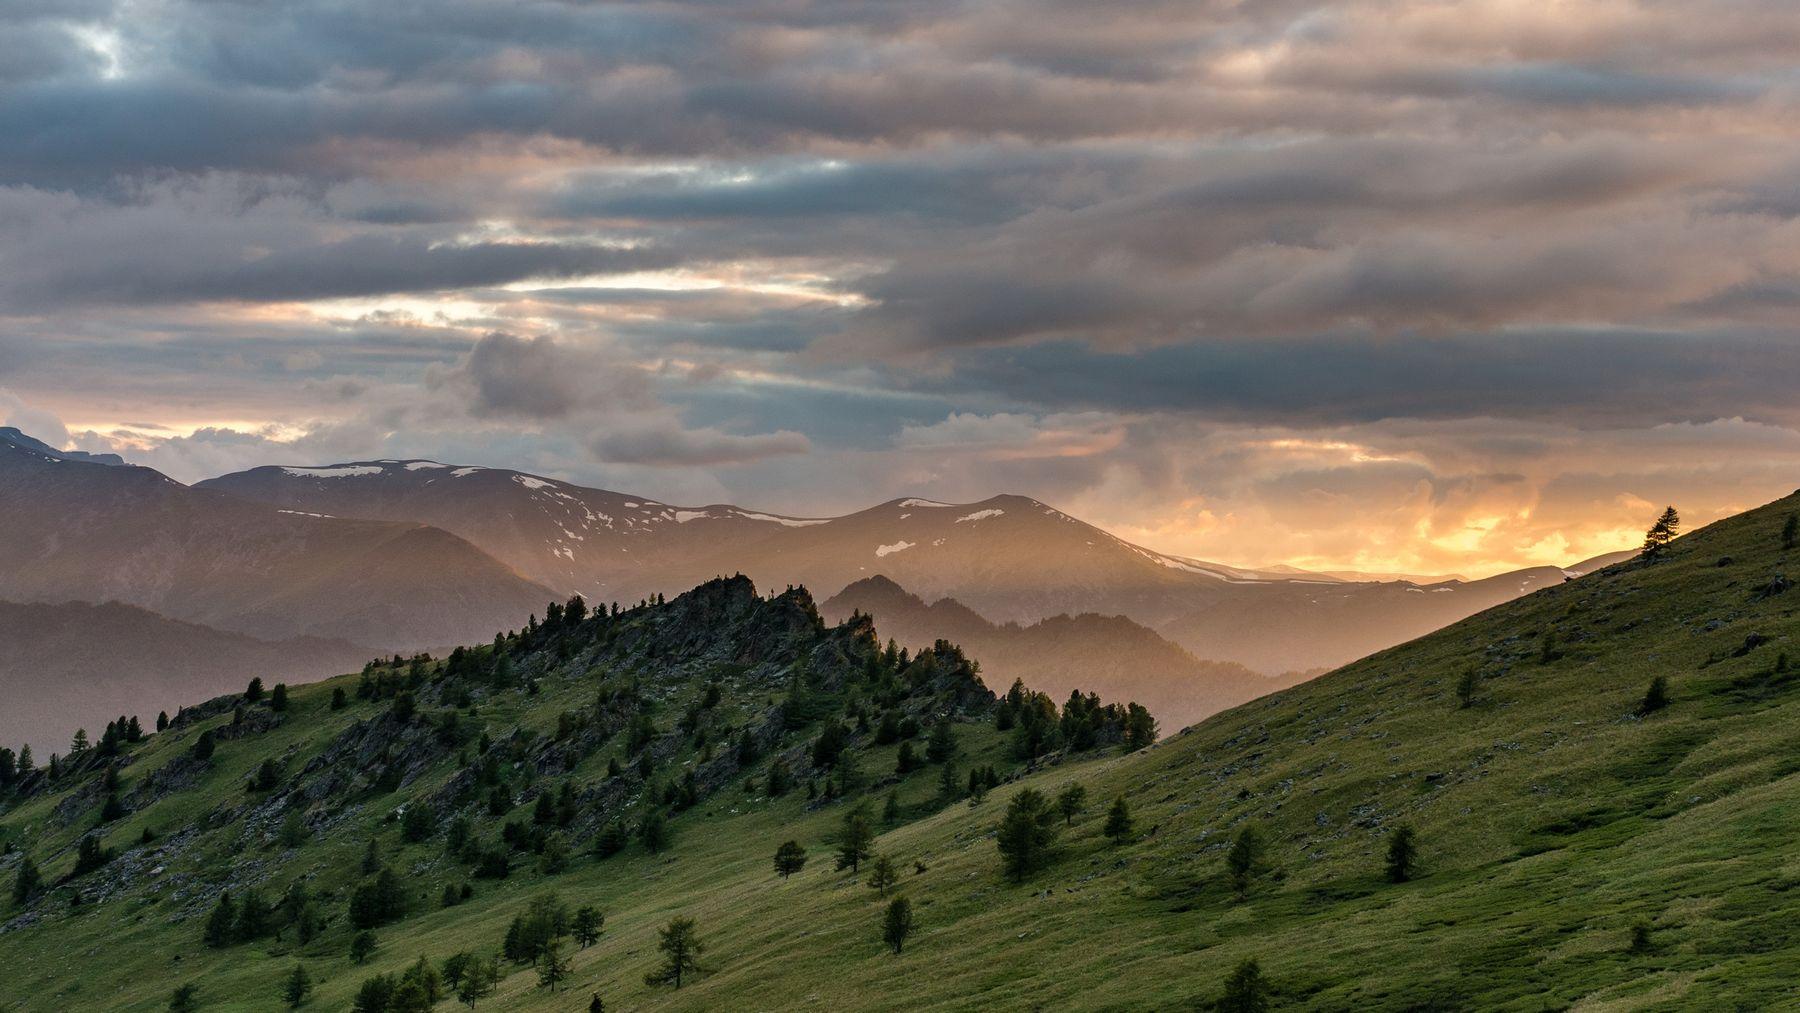 Вечереет. горы алтай горный аккем пейзаж природа россия ник васильев красота вечер закат